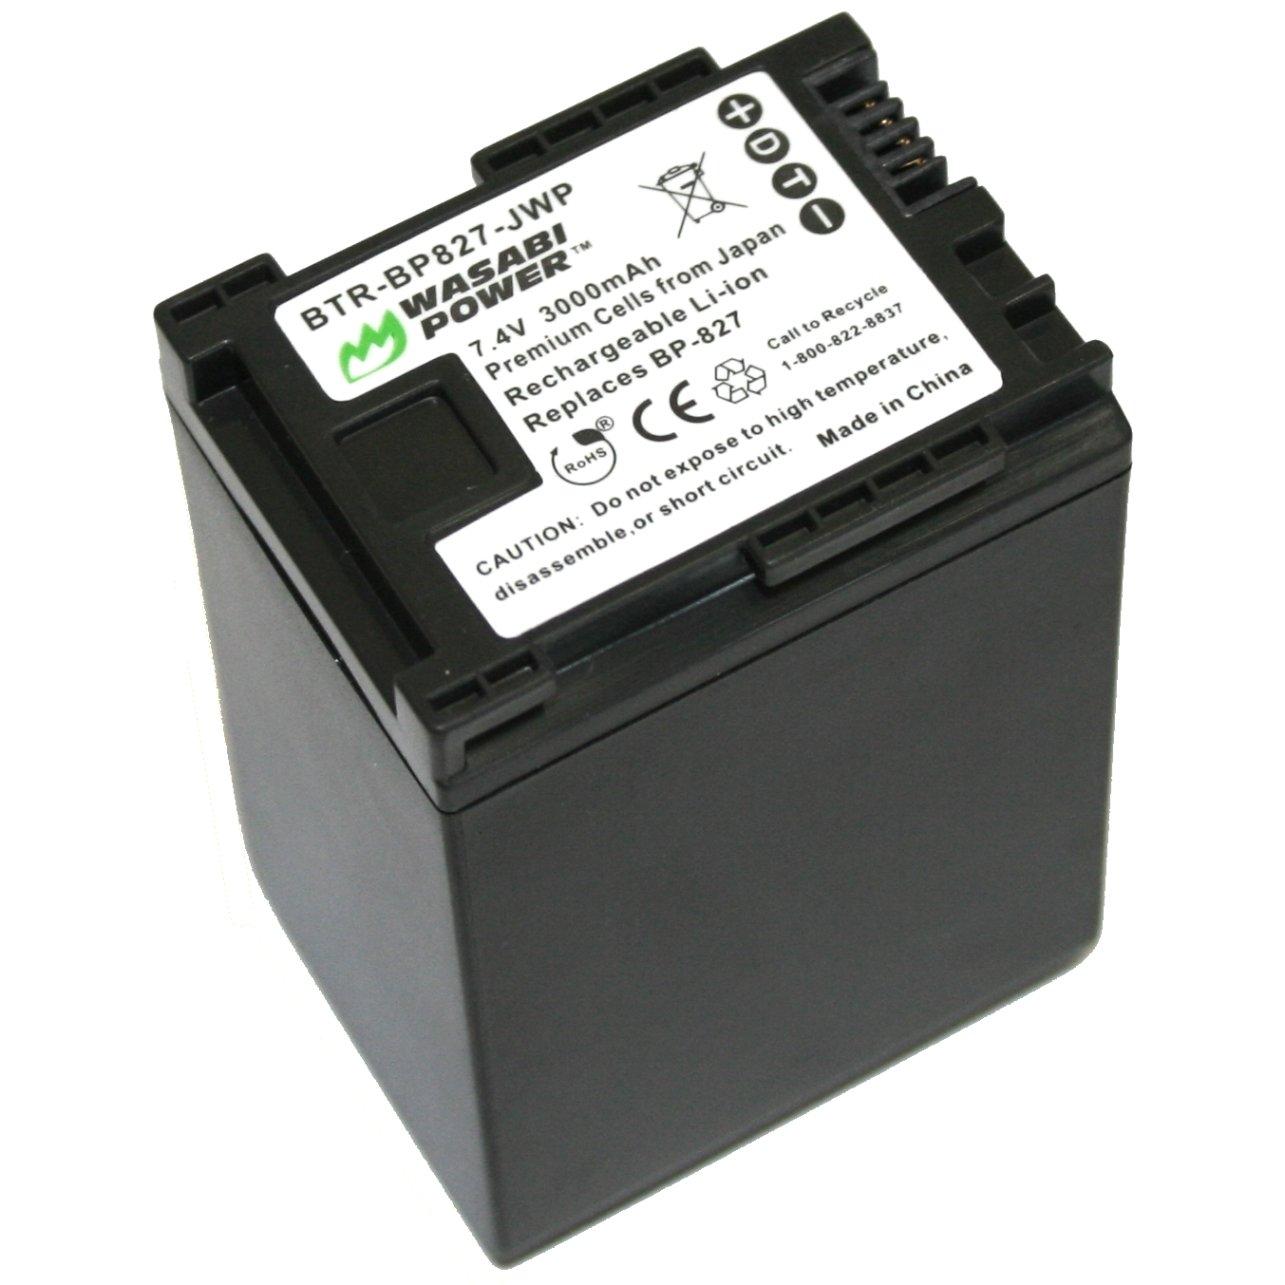 Wasabi Power Battery for Canon BP-827 (3000mAh) and Canon VIXIA HF G10, HF G20, HF M30, HF M31, HF M32, HF M40, HF M41, HF M300, HF M400, HF S10, HF S11, HF S20, HF S21, HF S30, HF S100, HF S200, HF10, HF11, HF20, HF21, HF100, HF200, HG20, HG21, HG30, XA1